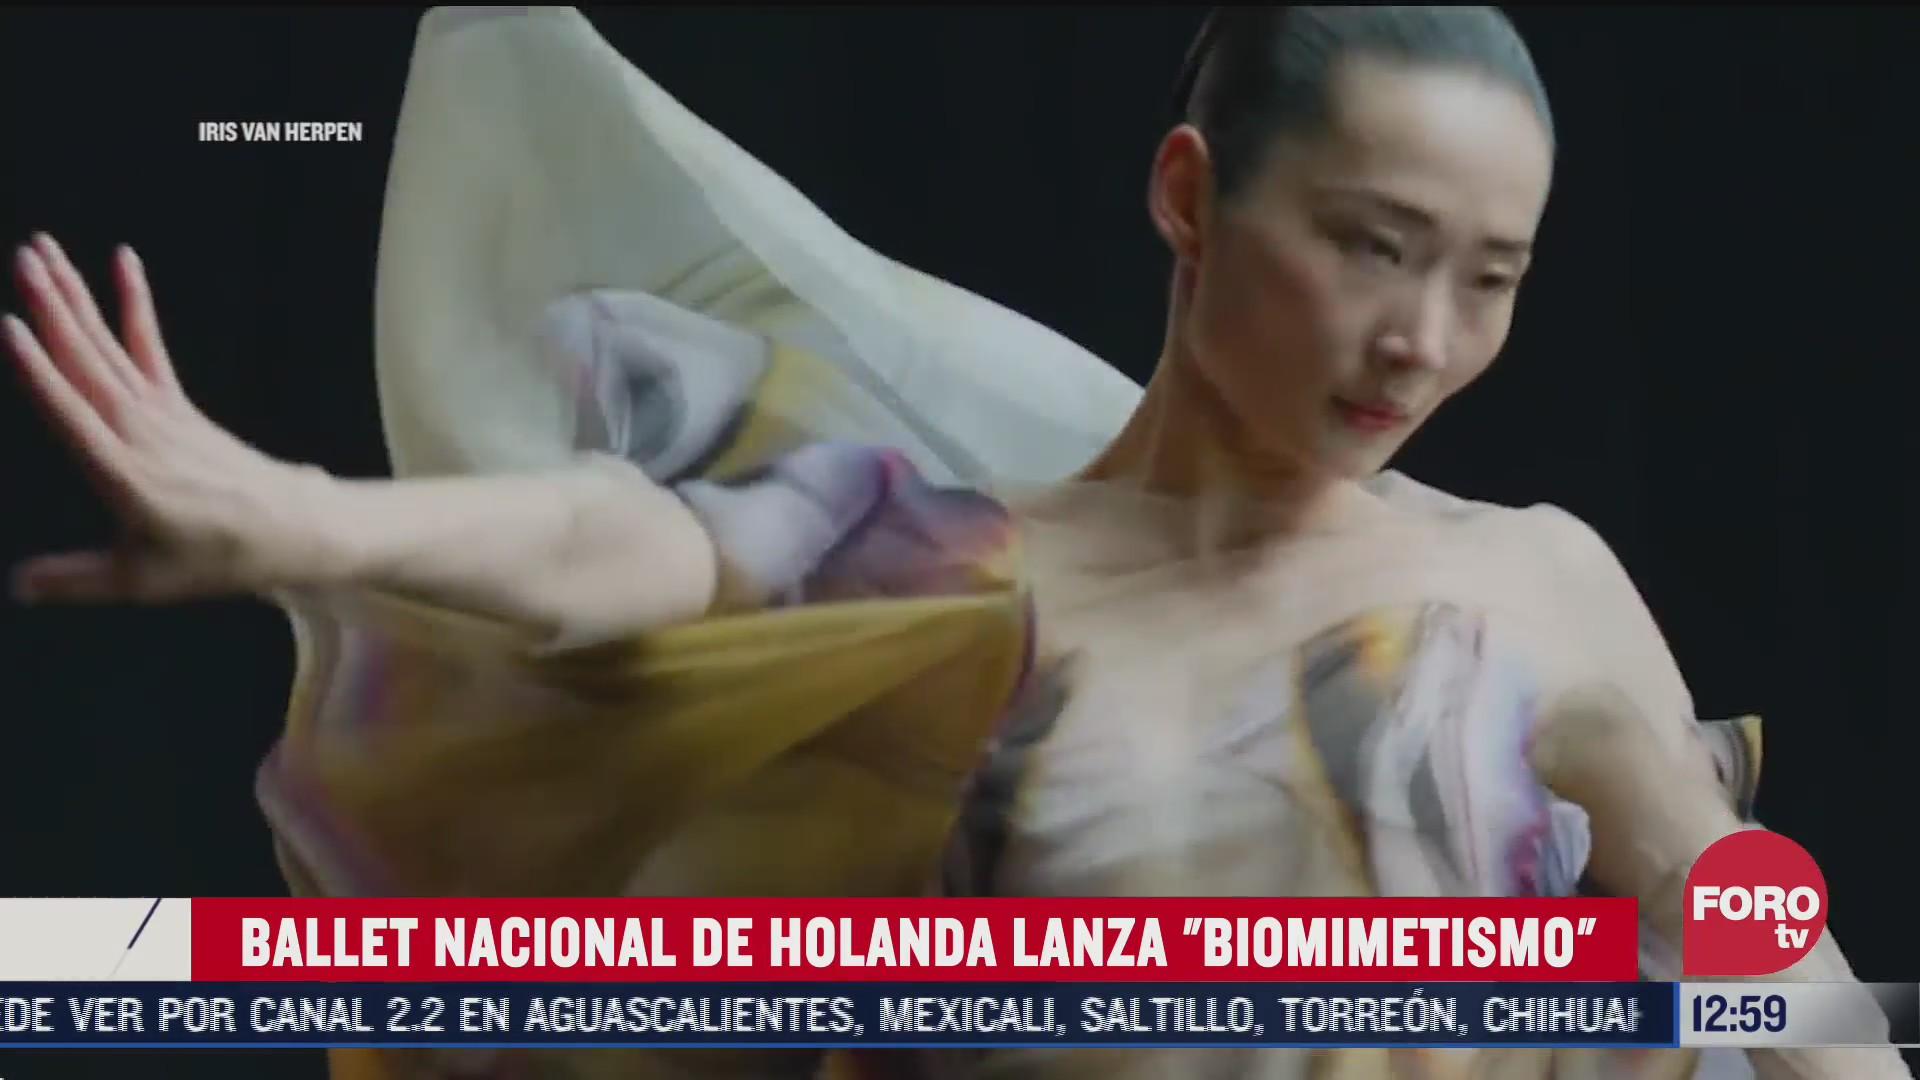 ballet nacional de holanda lanza biomimetismo